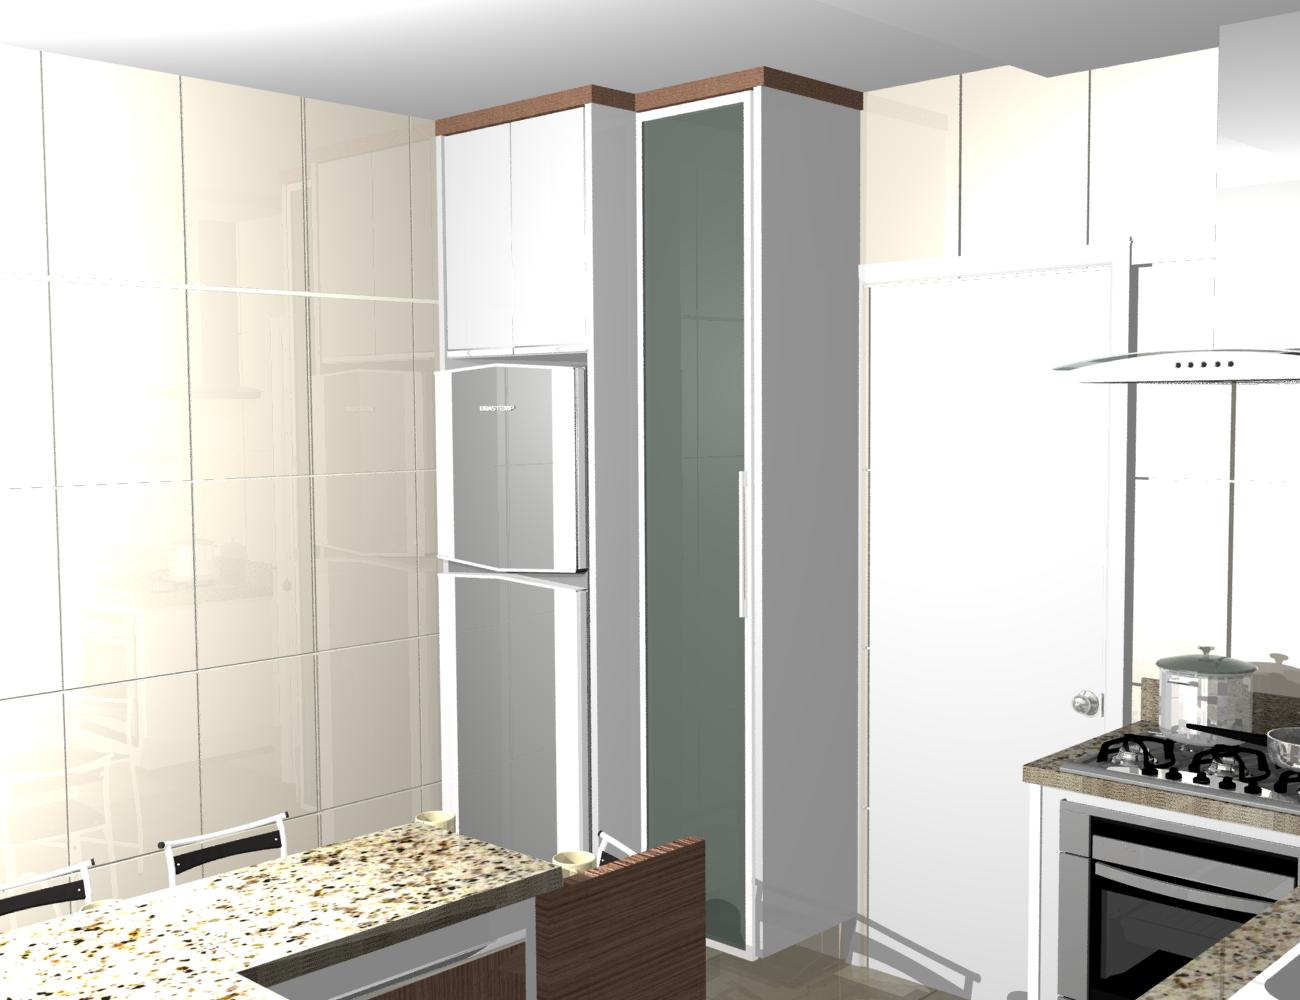 para cozinhas cozinhas planejadas dellano dellano cozinhas planejadas #5C4C41 1300 1000